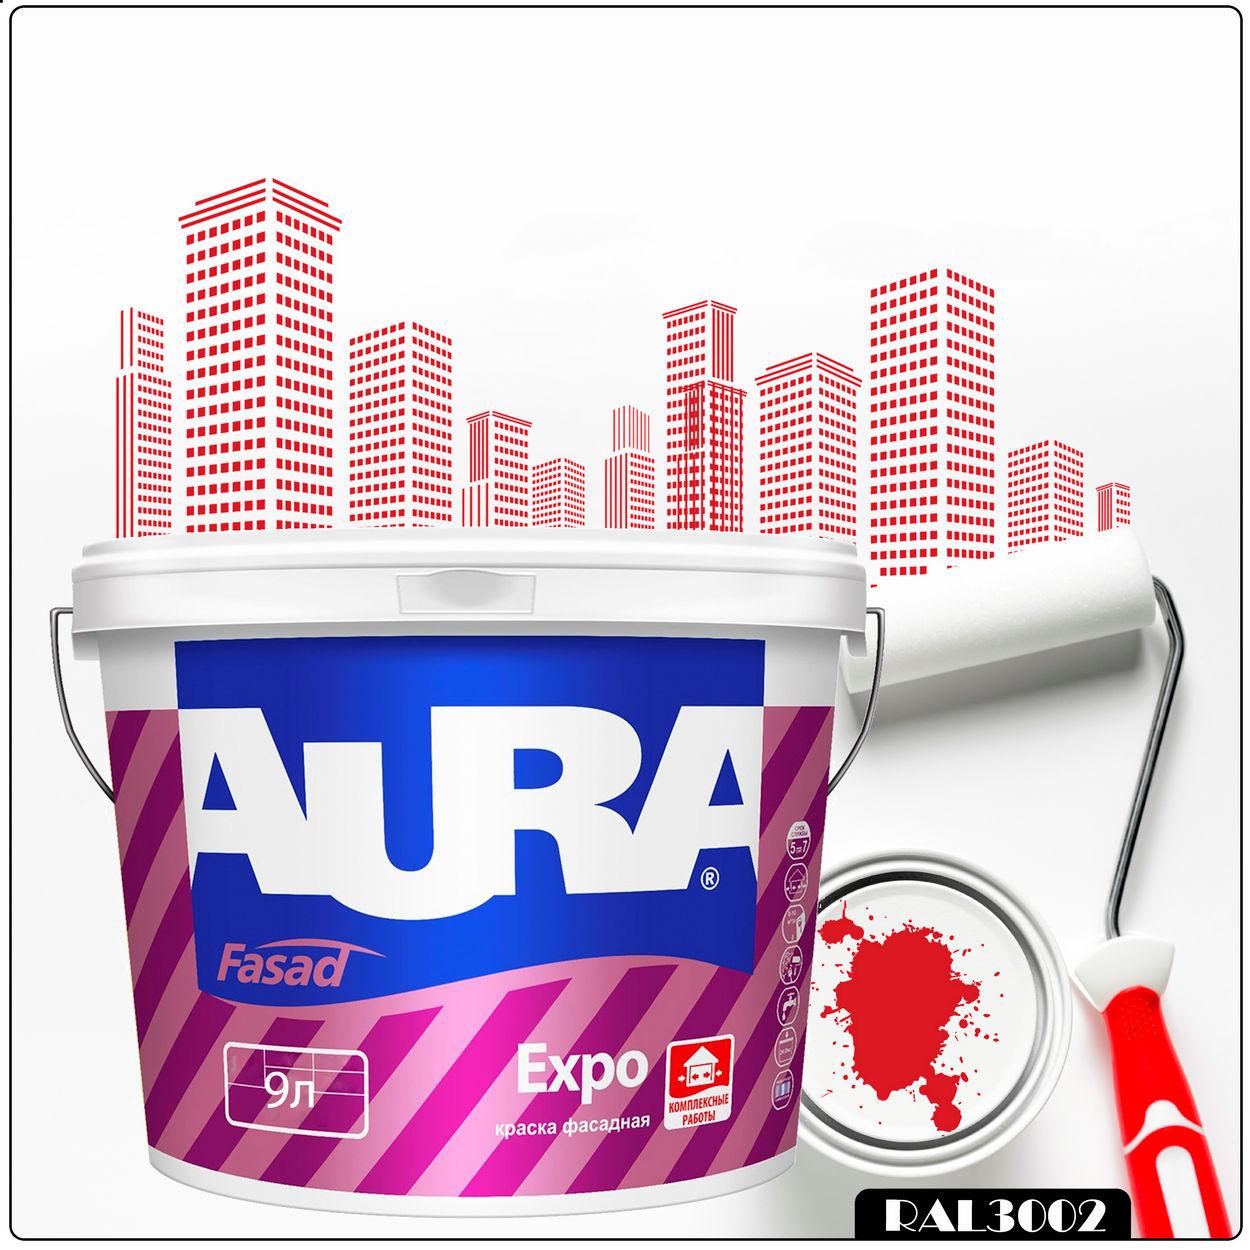 Фото 3 - Краска Aura Fasad Expo, RAL 3002 Карминно-красный, матовая, для фасадов и помещений с повышенной влажностью, 9л.